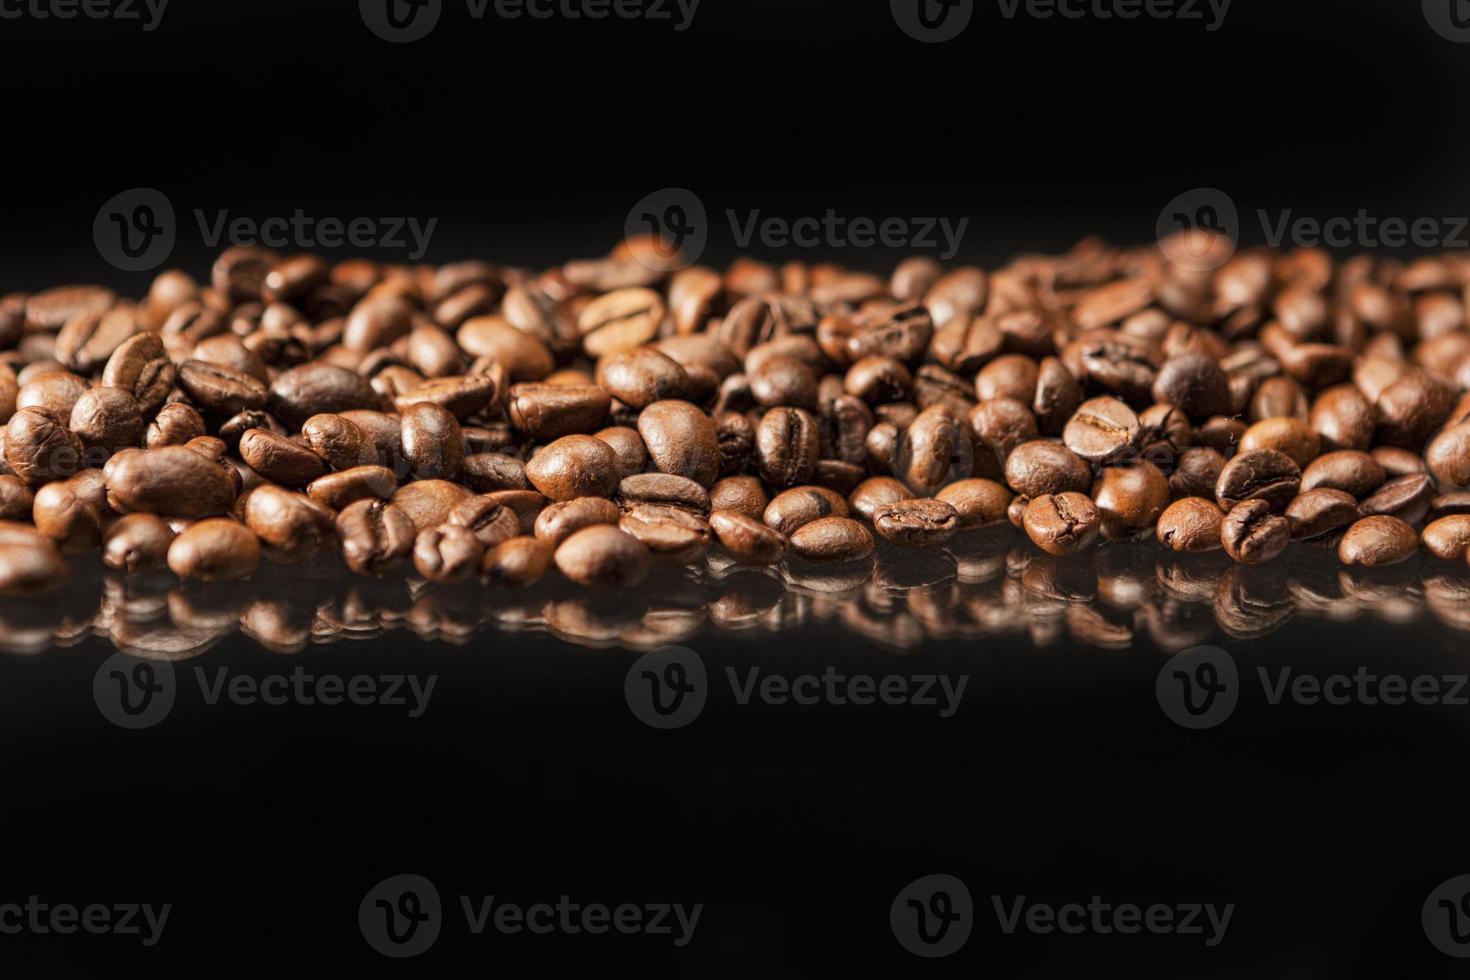 línea de granos de café tostados aromáticos colocados sobre fondo negro. foto